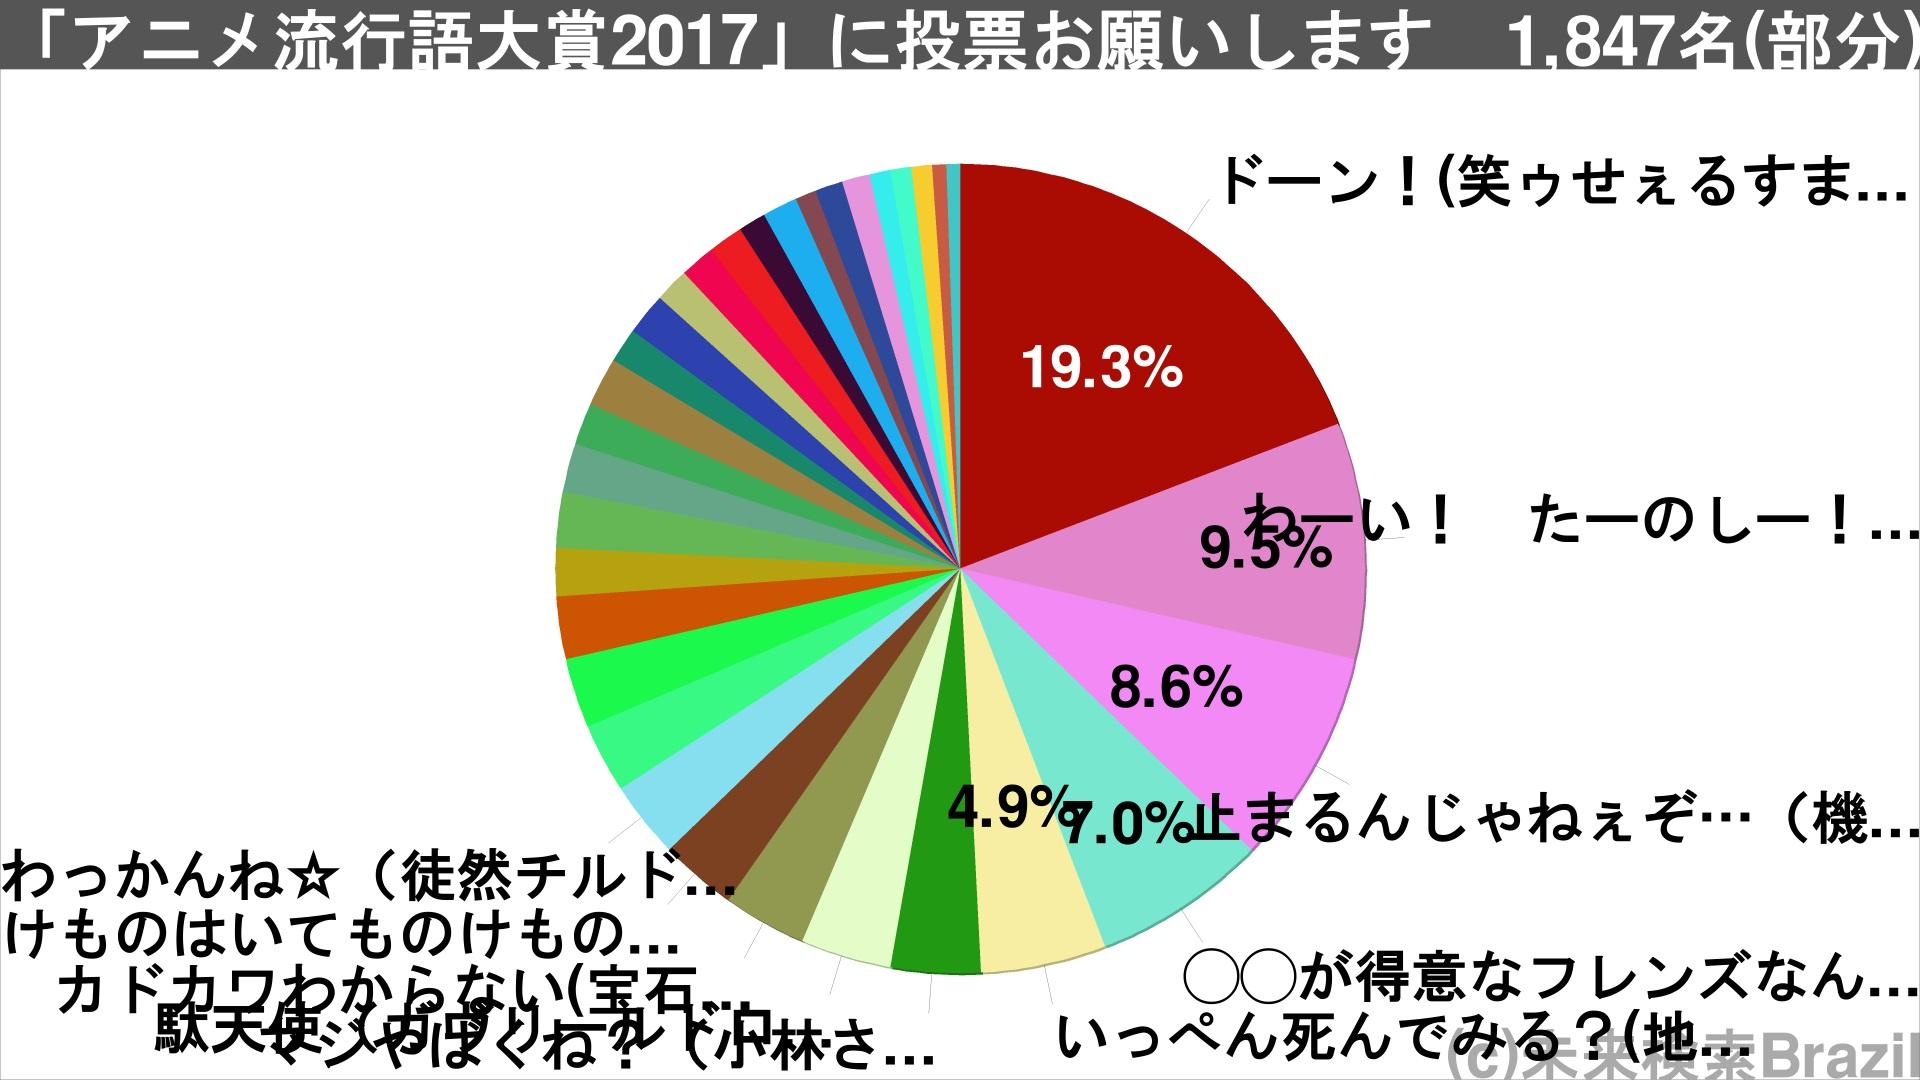 2017%e6%9c%ab%e3%82%a2%e3%83%8b%e3%83%a1